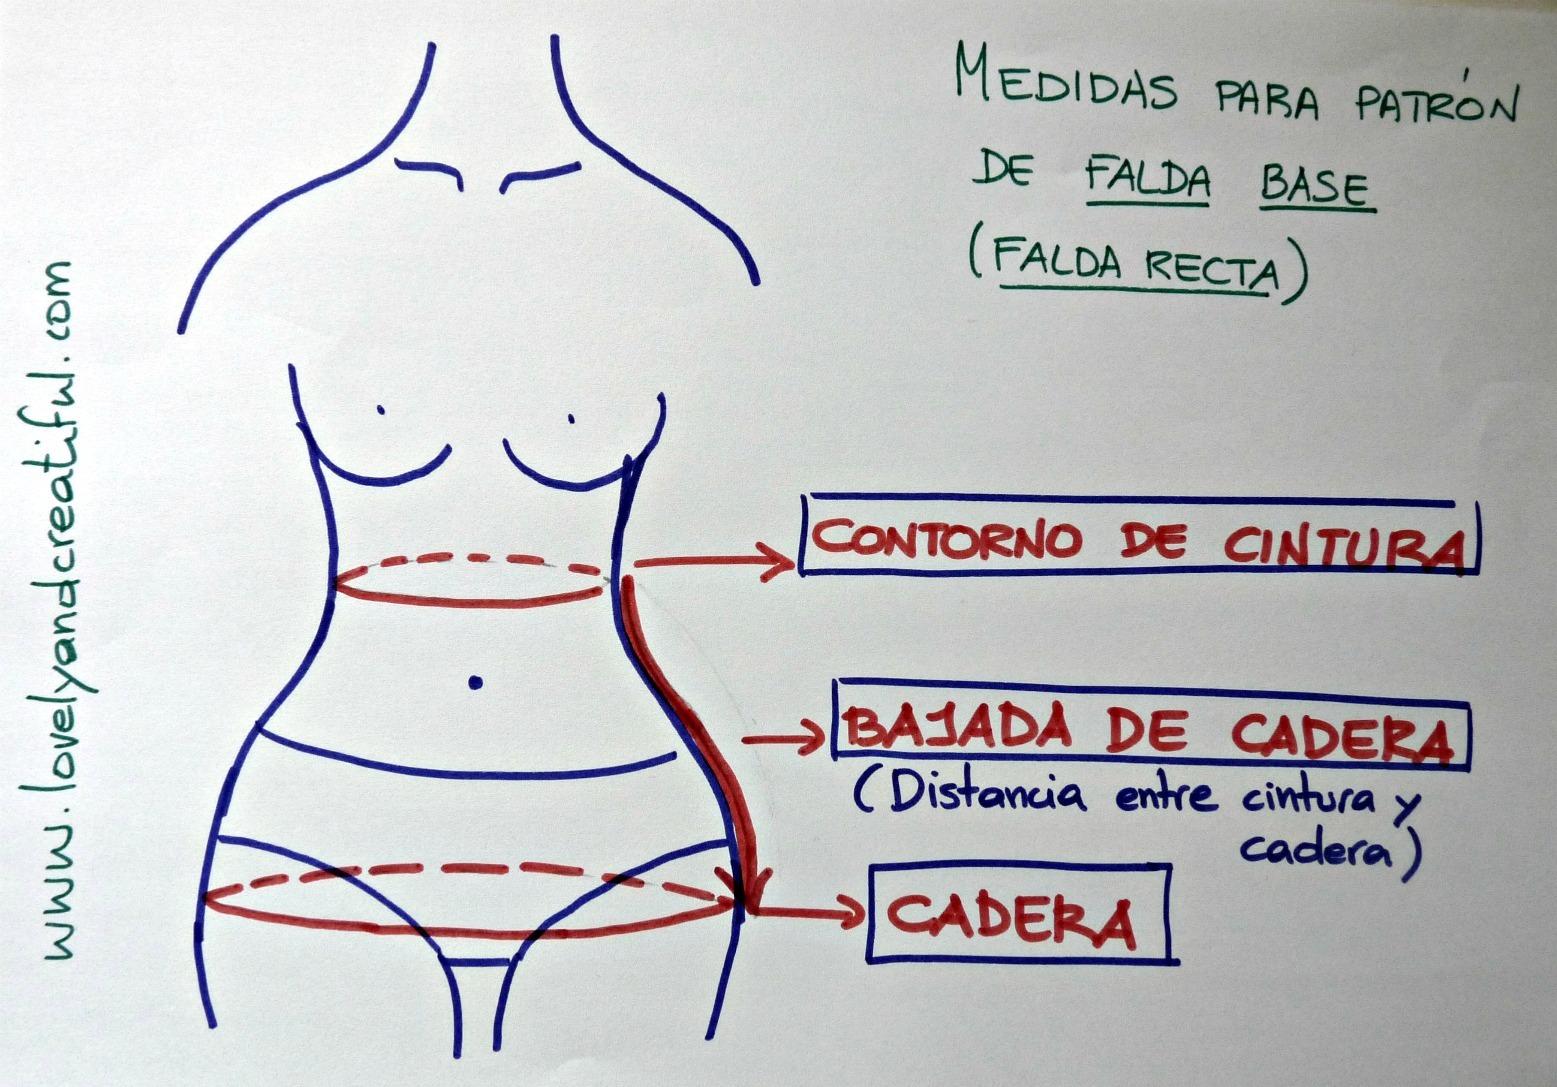 Medidas_falda